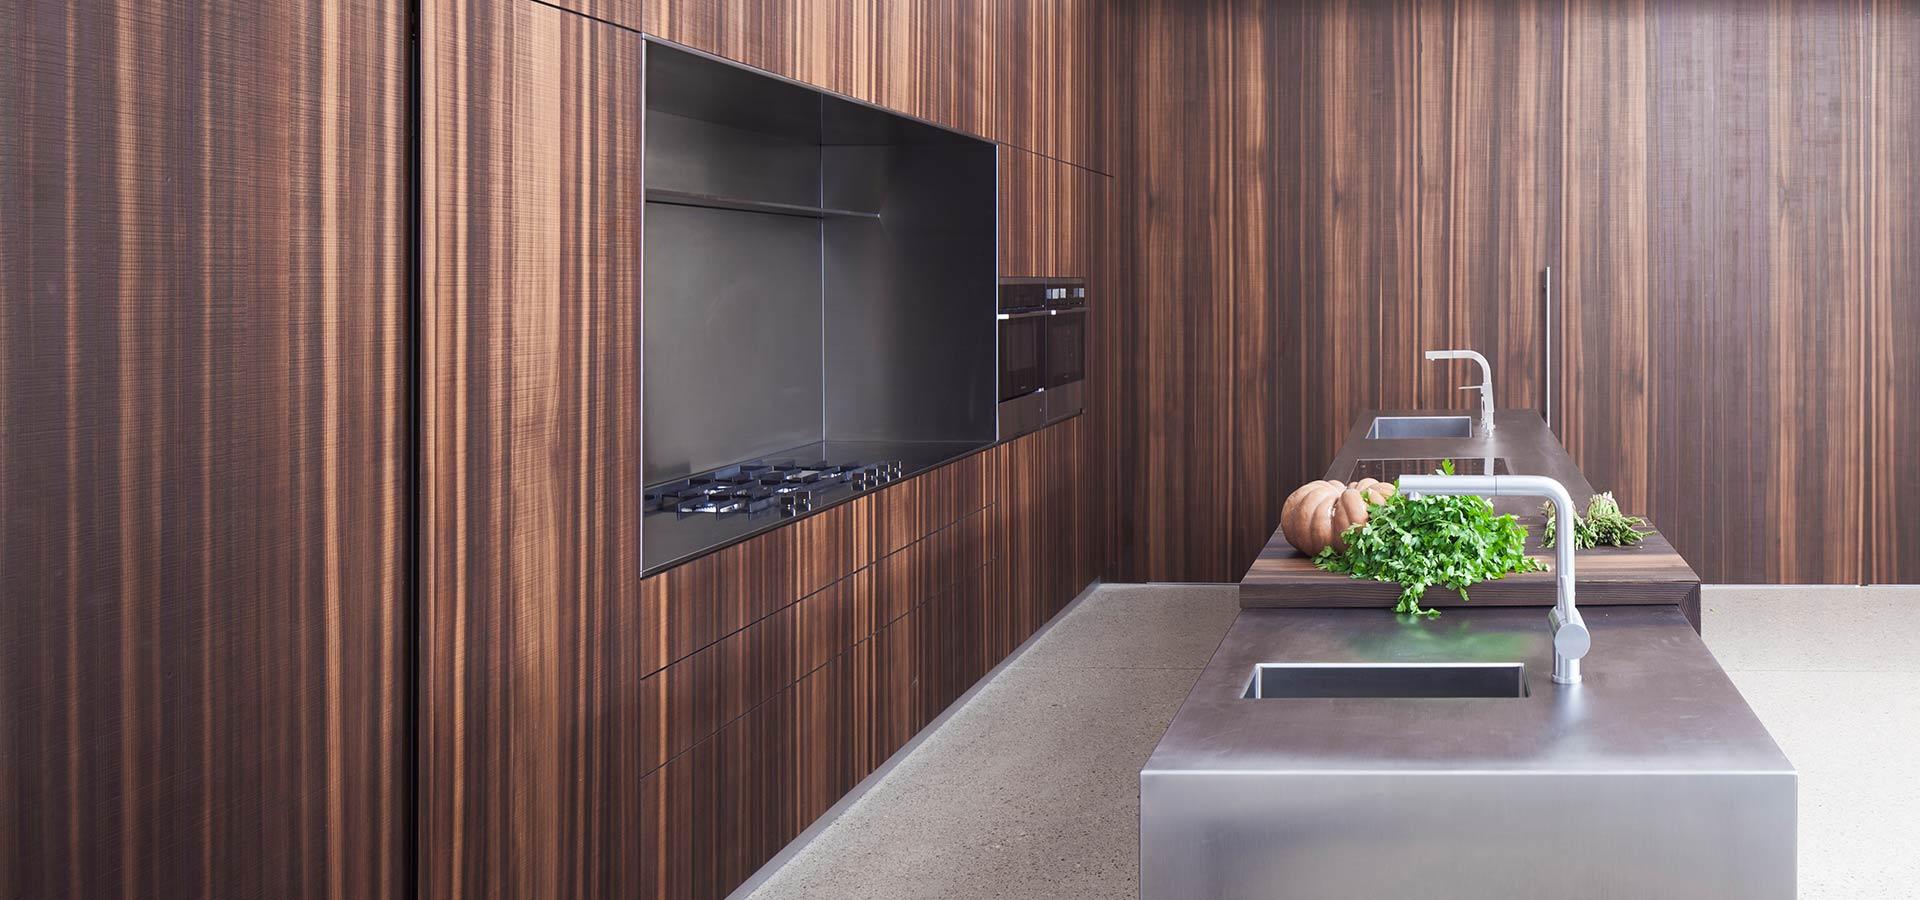 kitchen7_1920x900-1